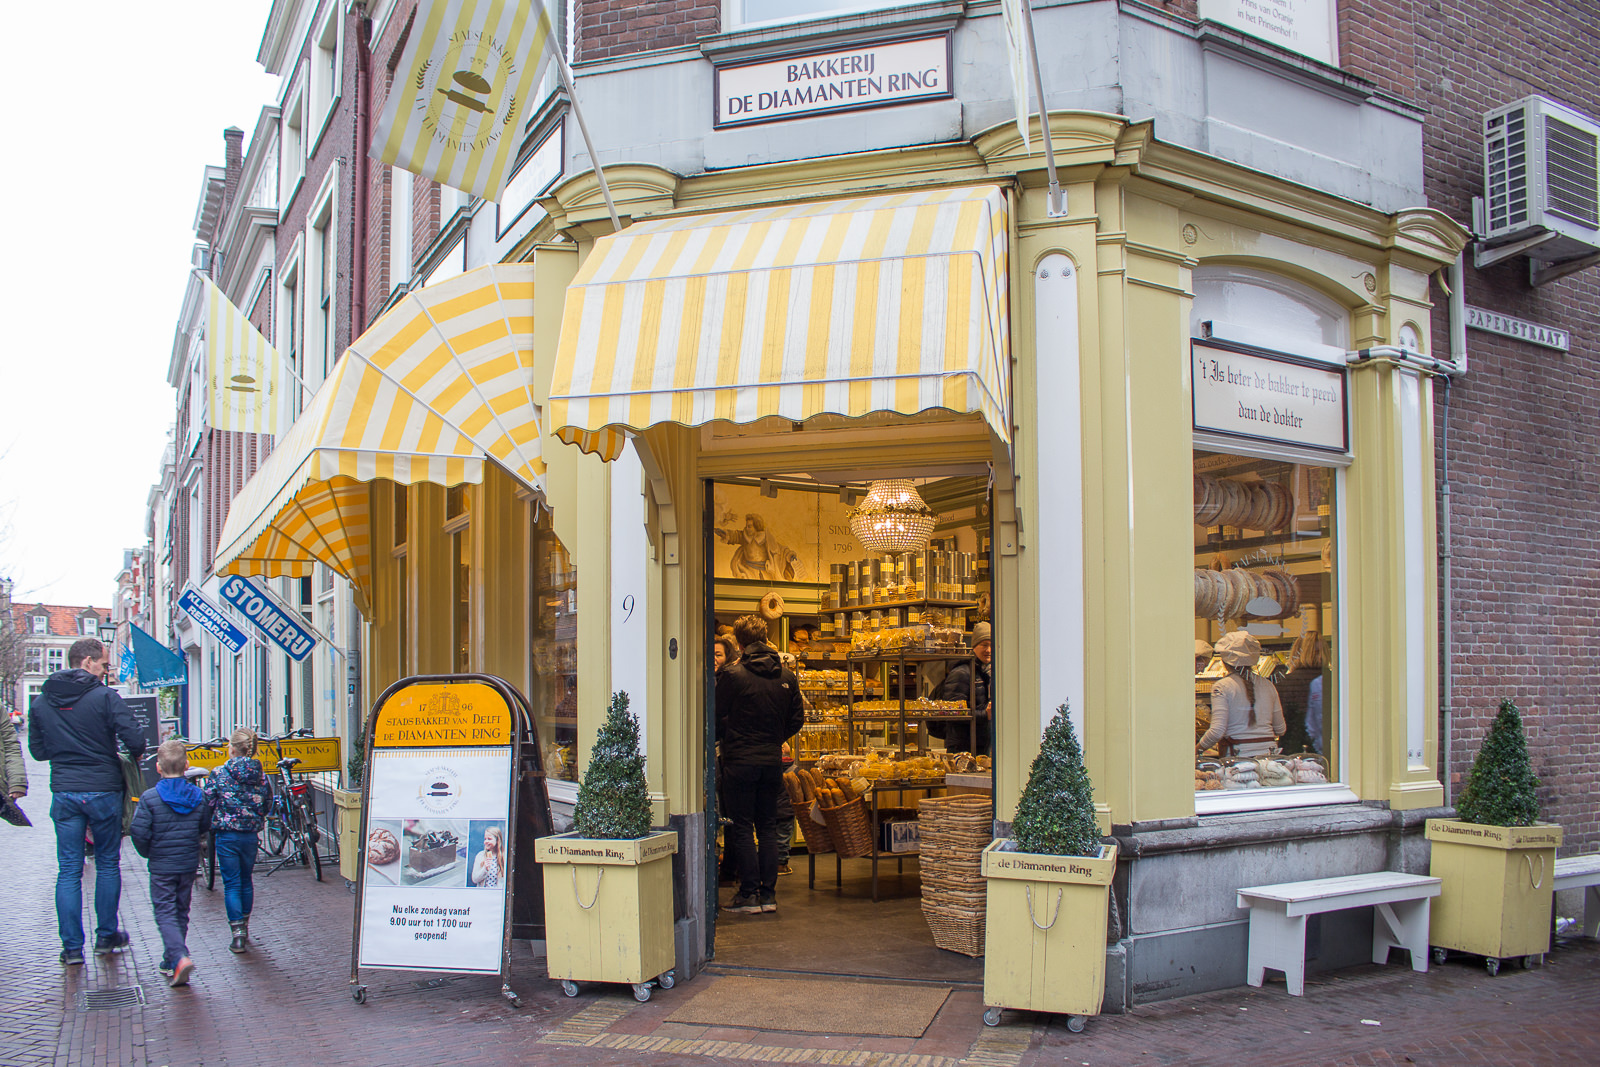 delft, südholland, holland, niederlande, städtetrip, sightseeing, bäckerei